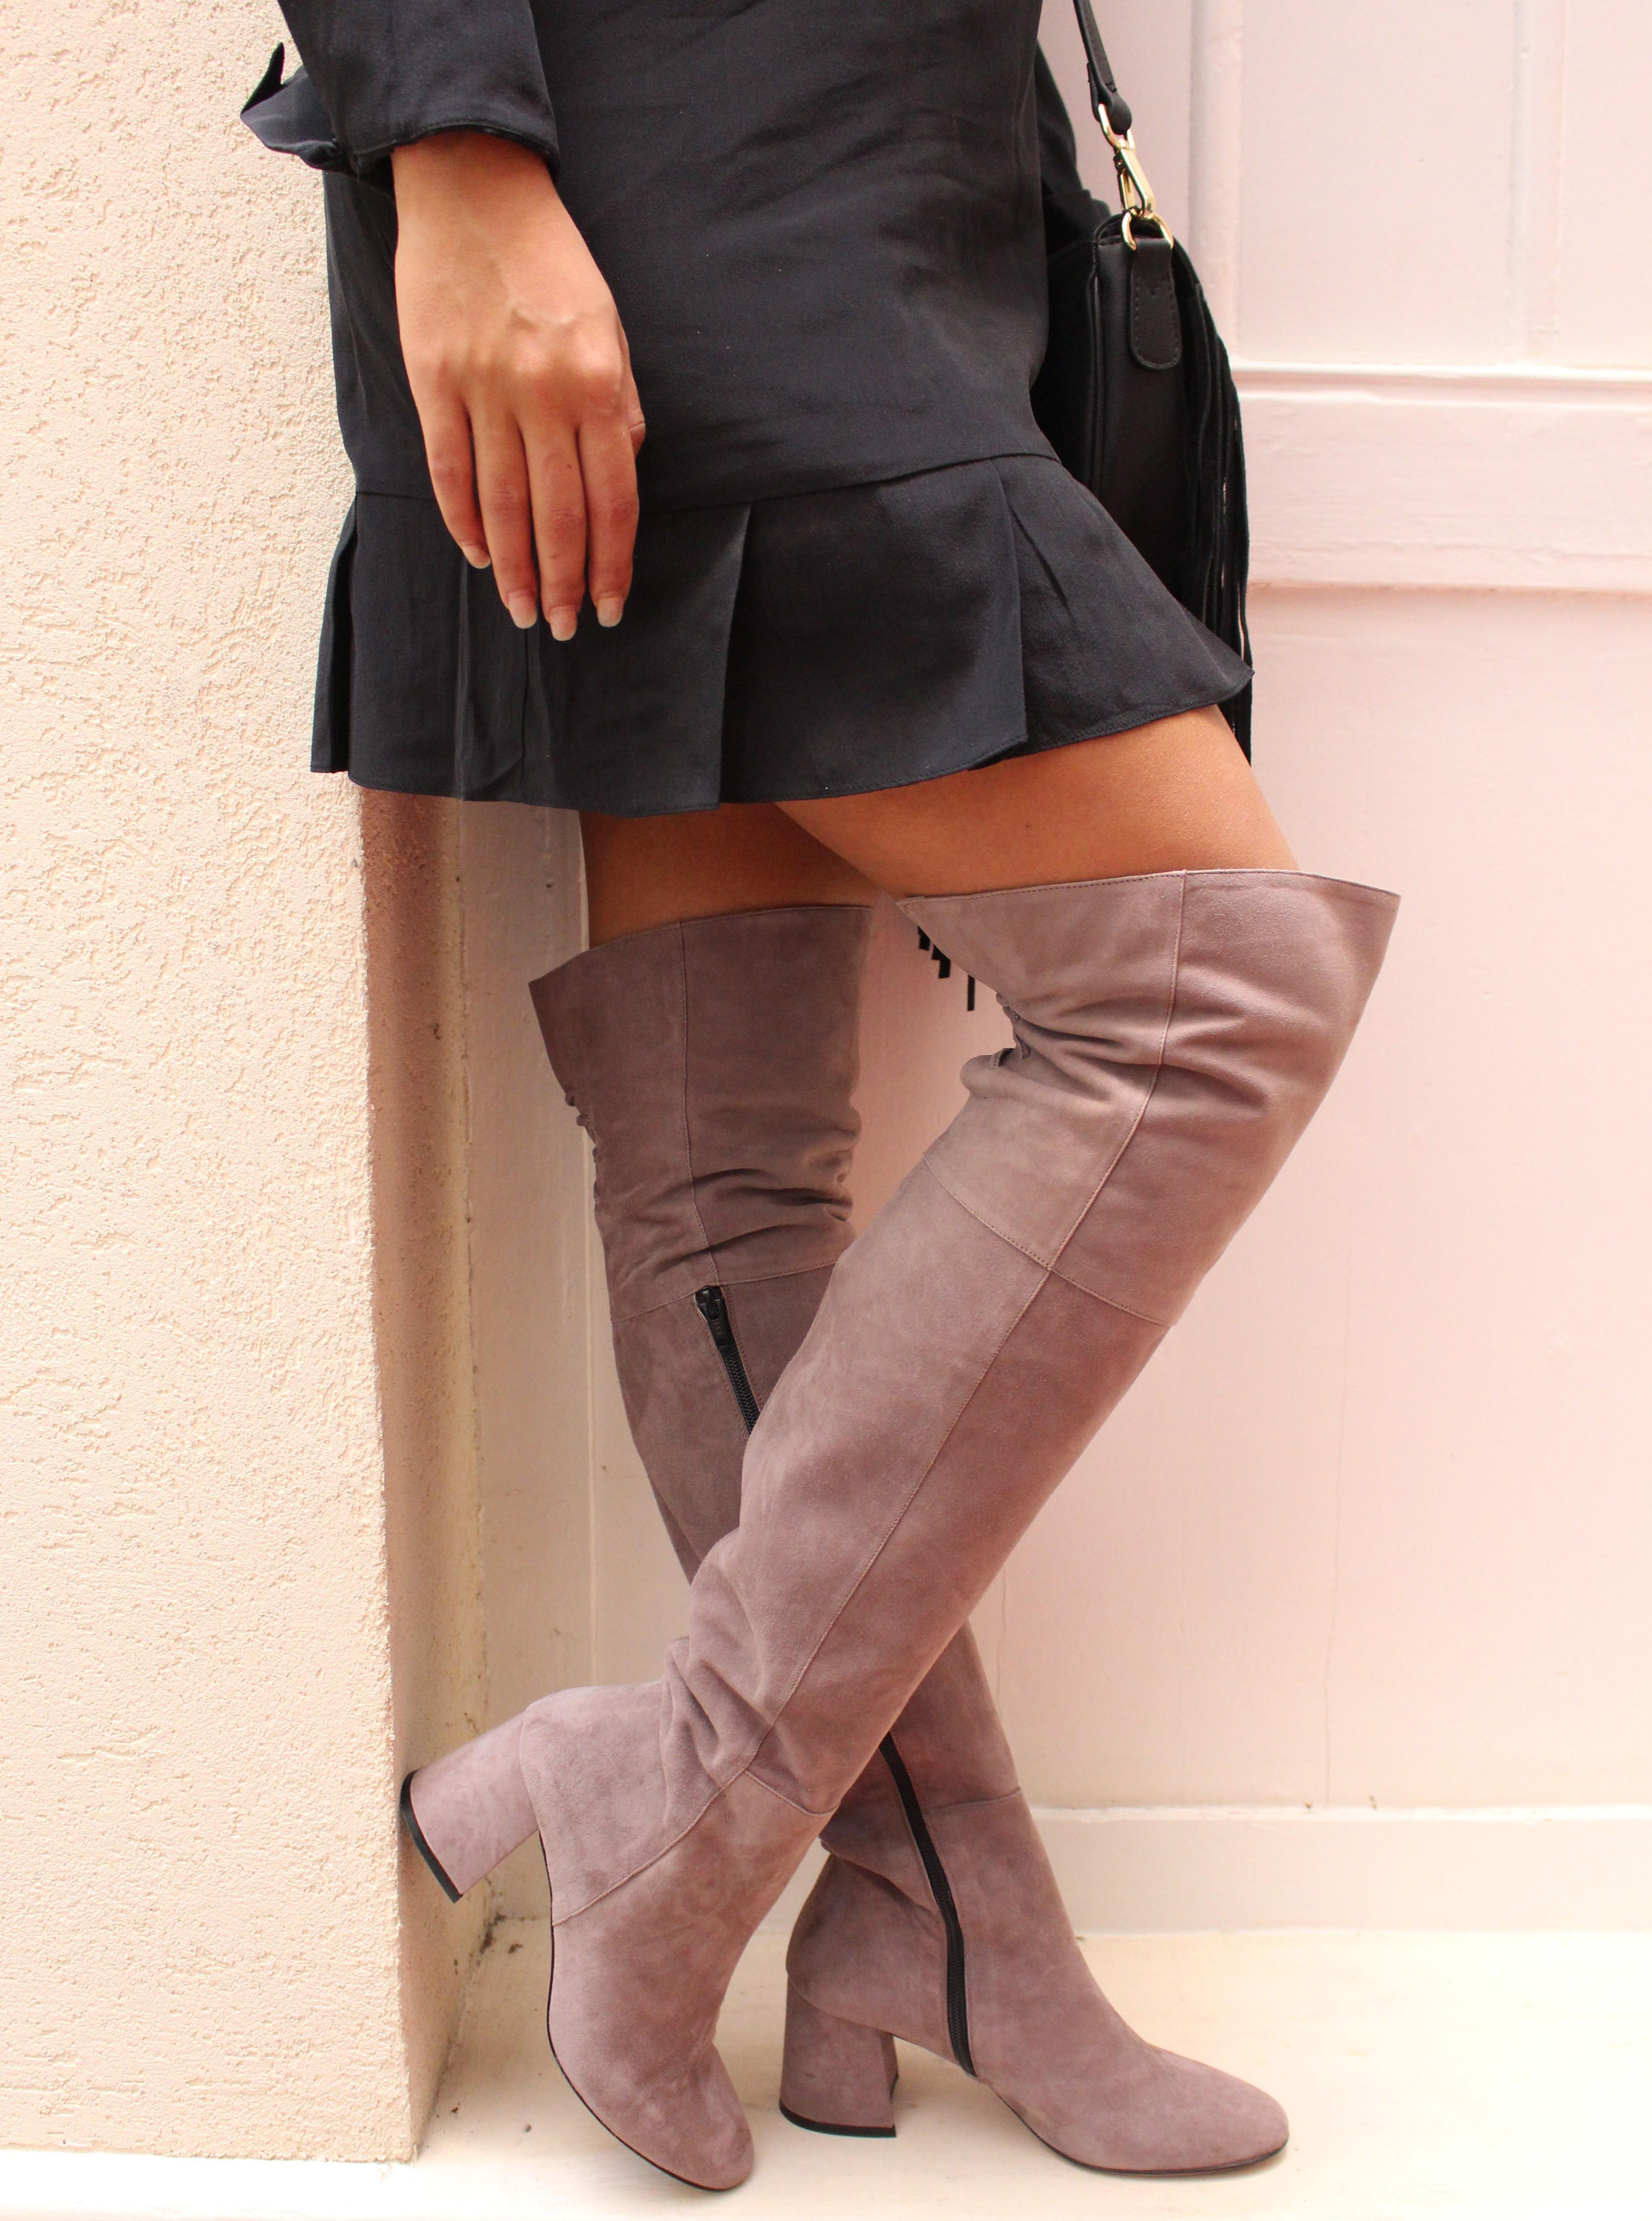 49f37a5cf1fd19 Élancez vous en cuissarde OSMOSE couture: Cuissarde daim taupe femme